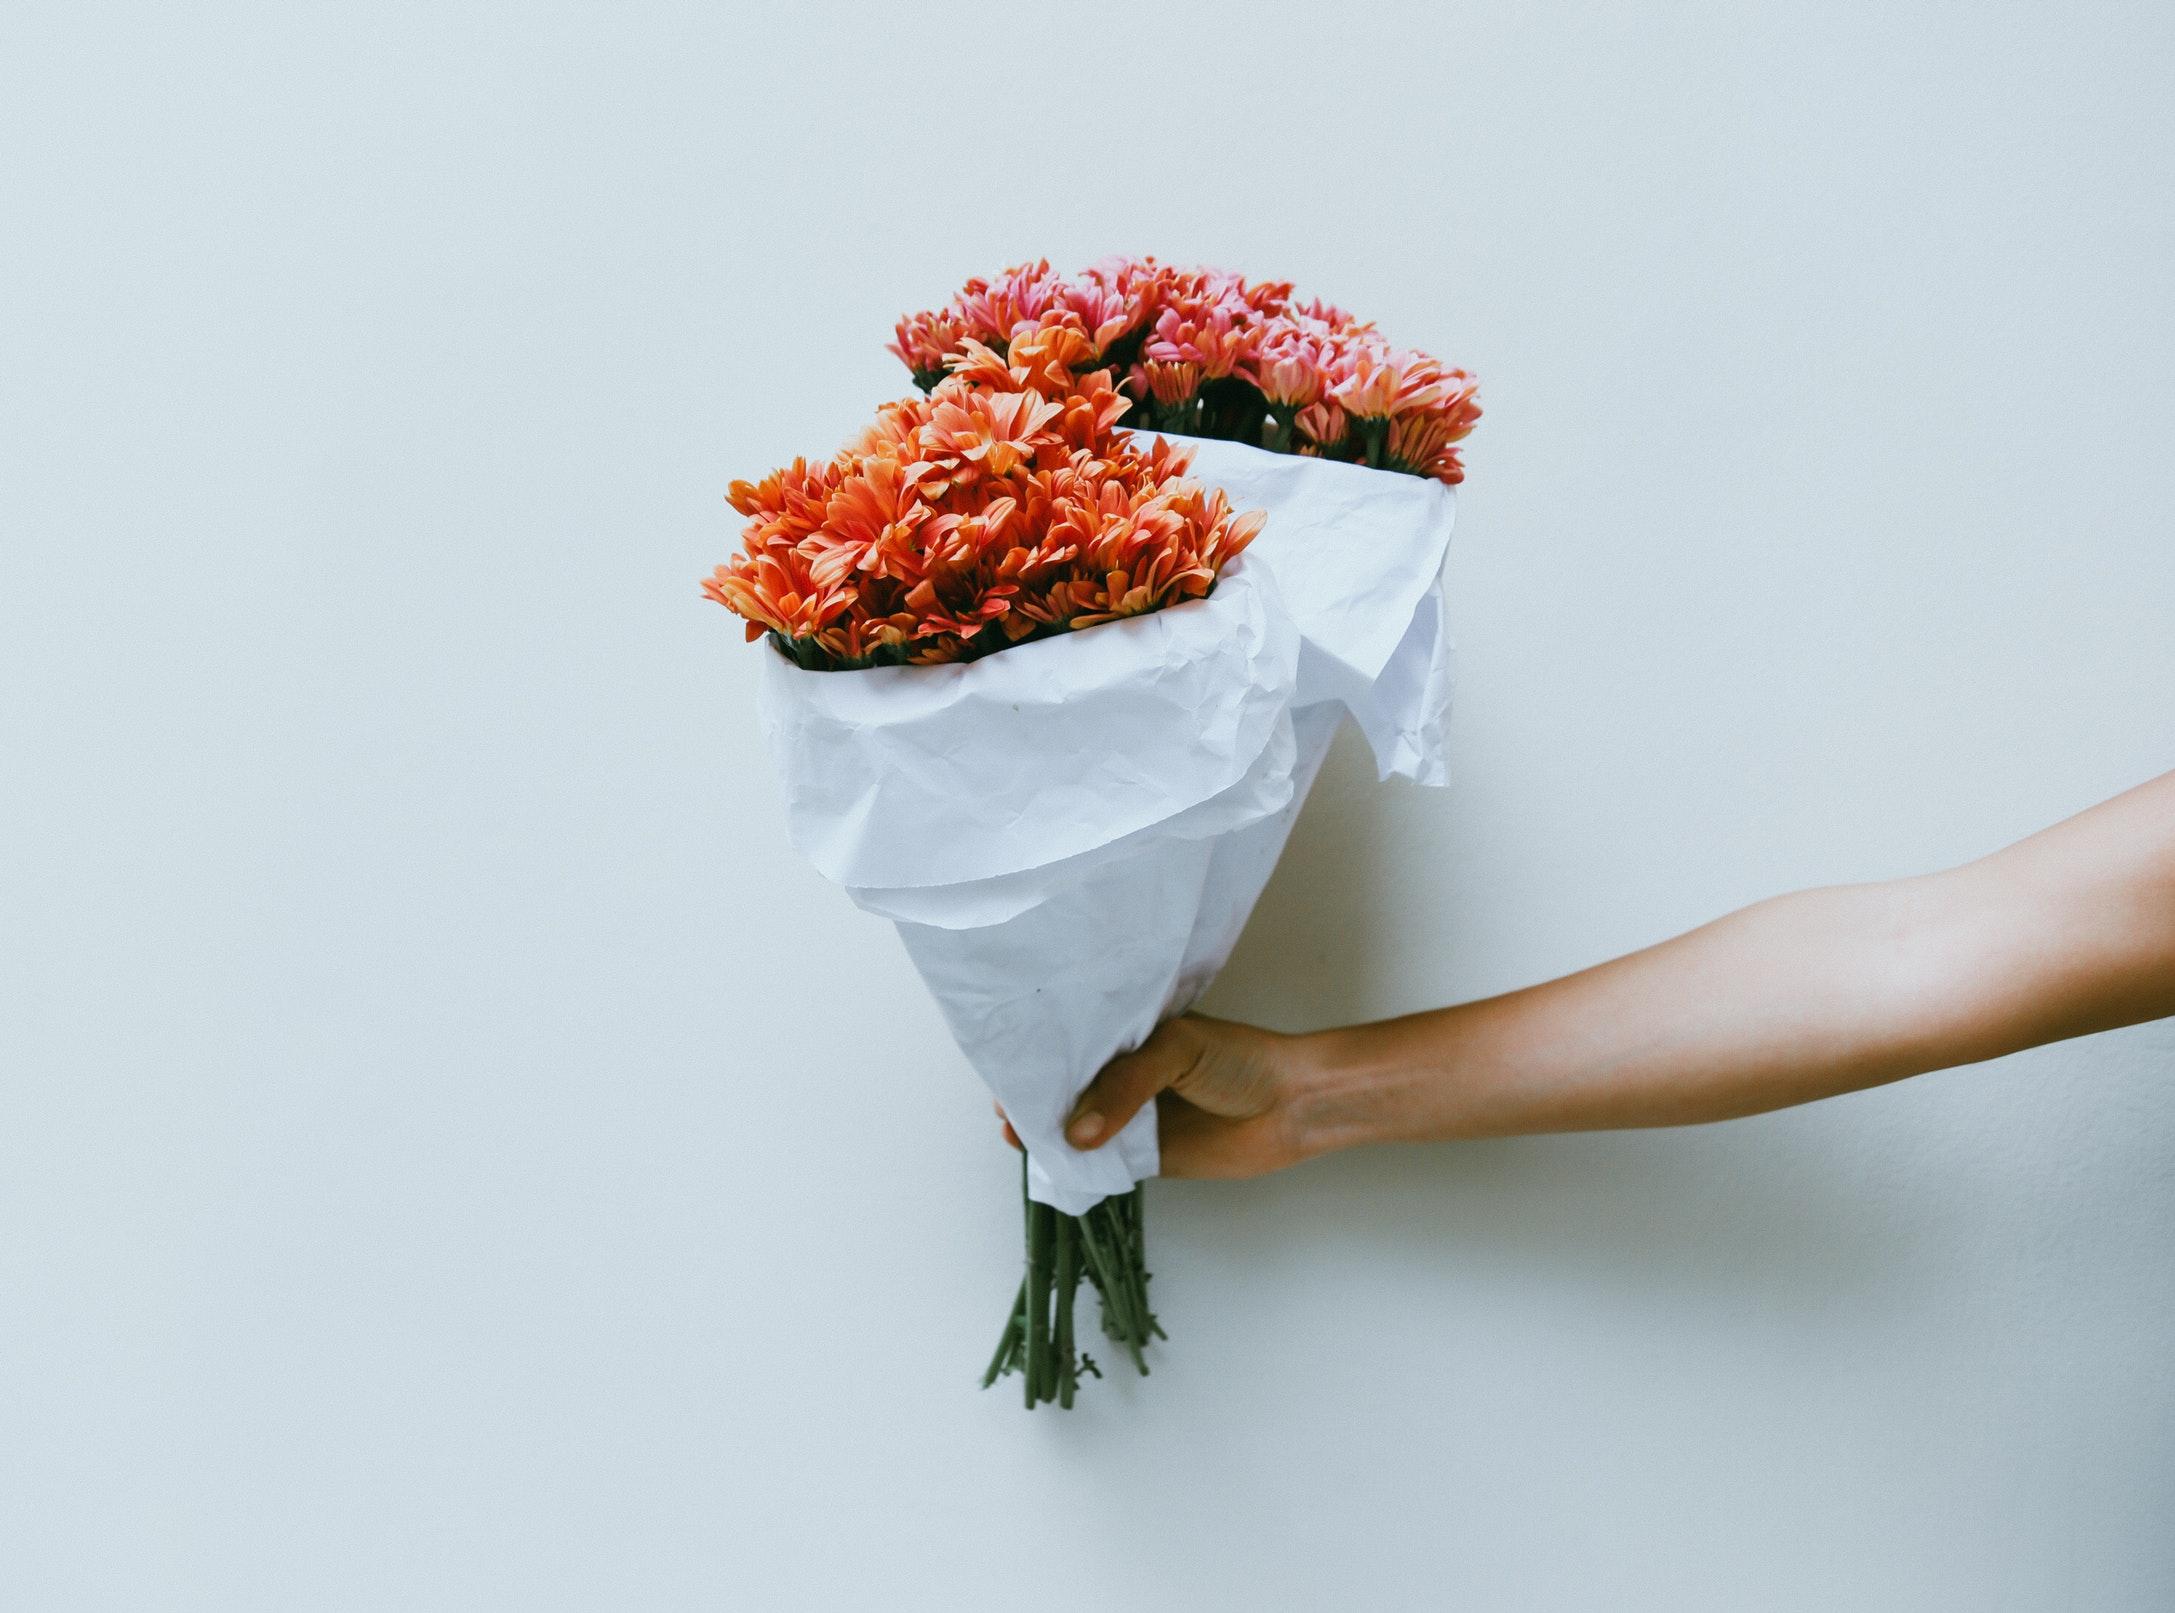 flowers being held out.jpg